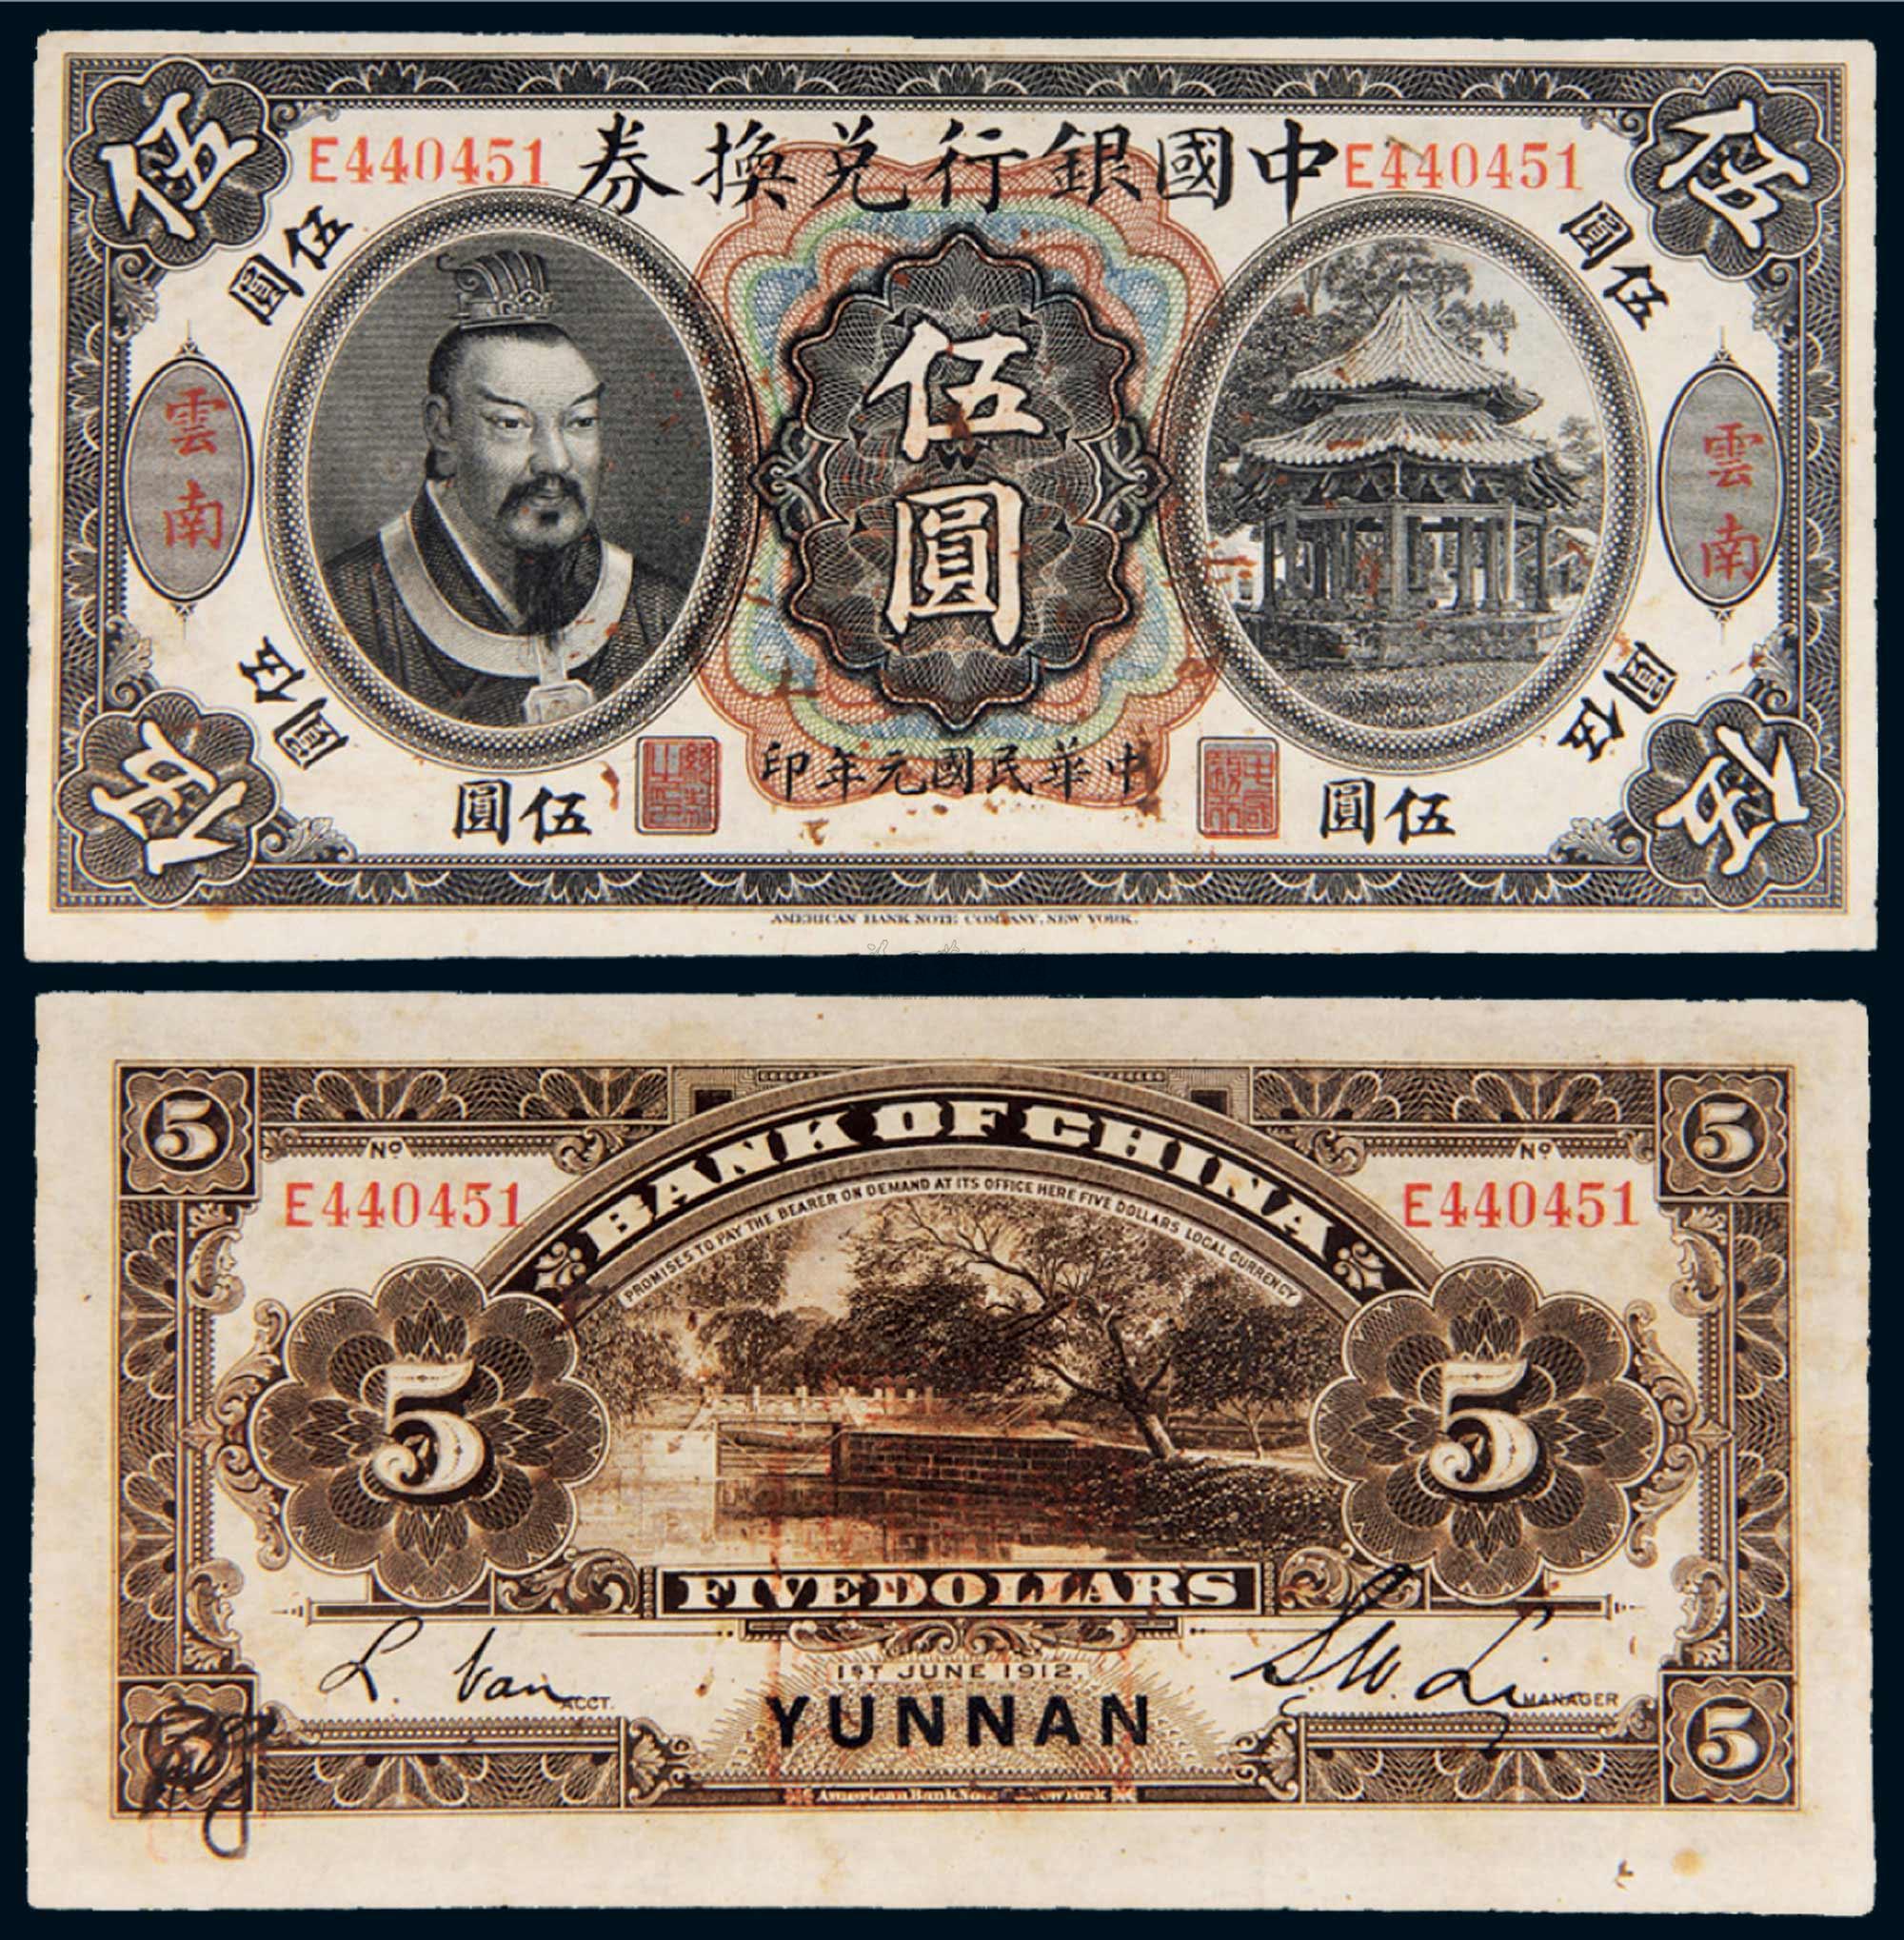 【民国元年(1912年)中国银行兑换券云南伍圆】拍卖品